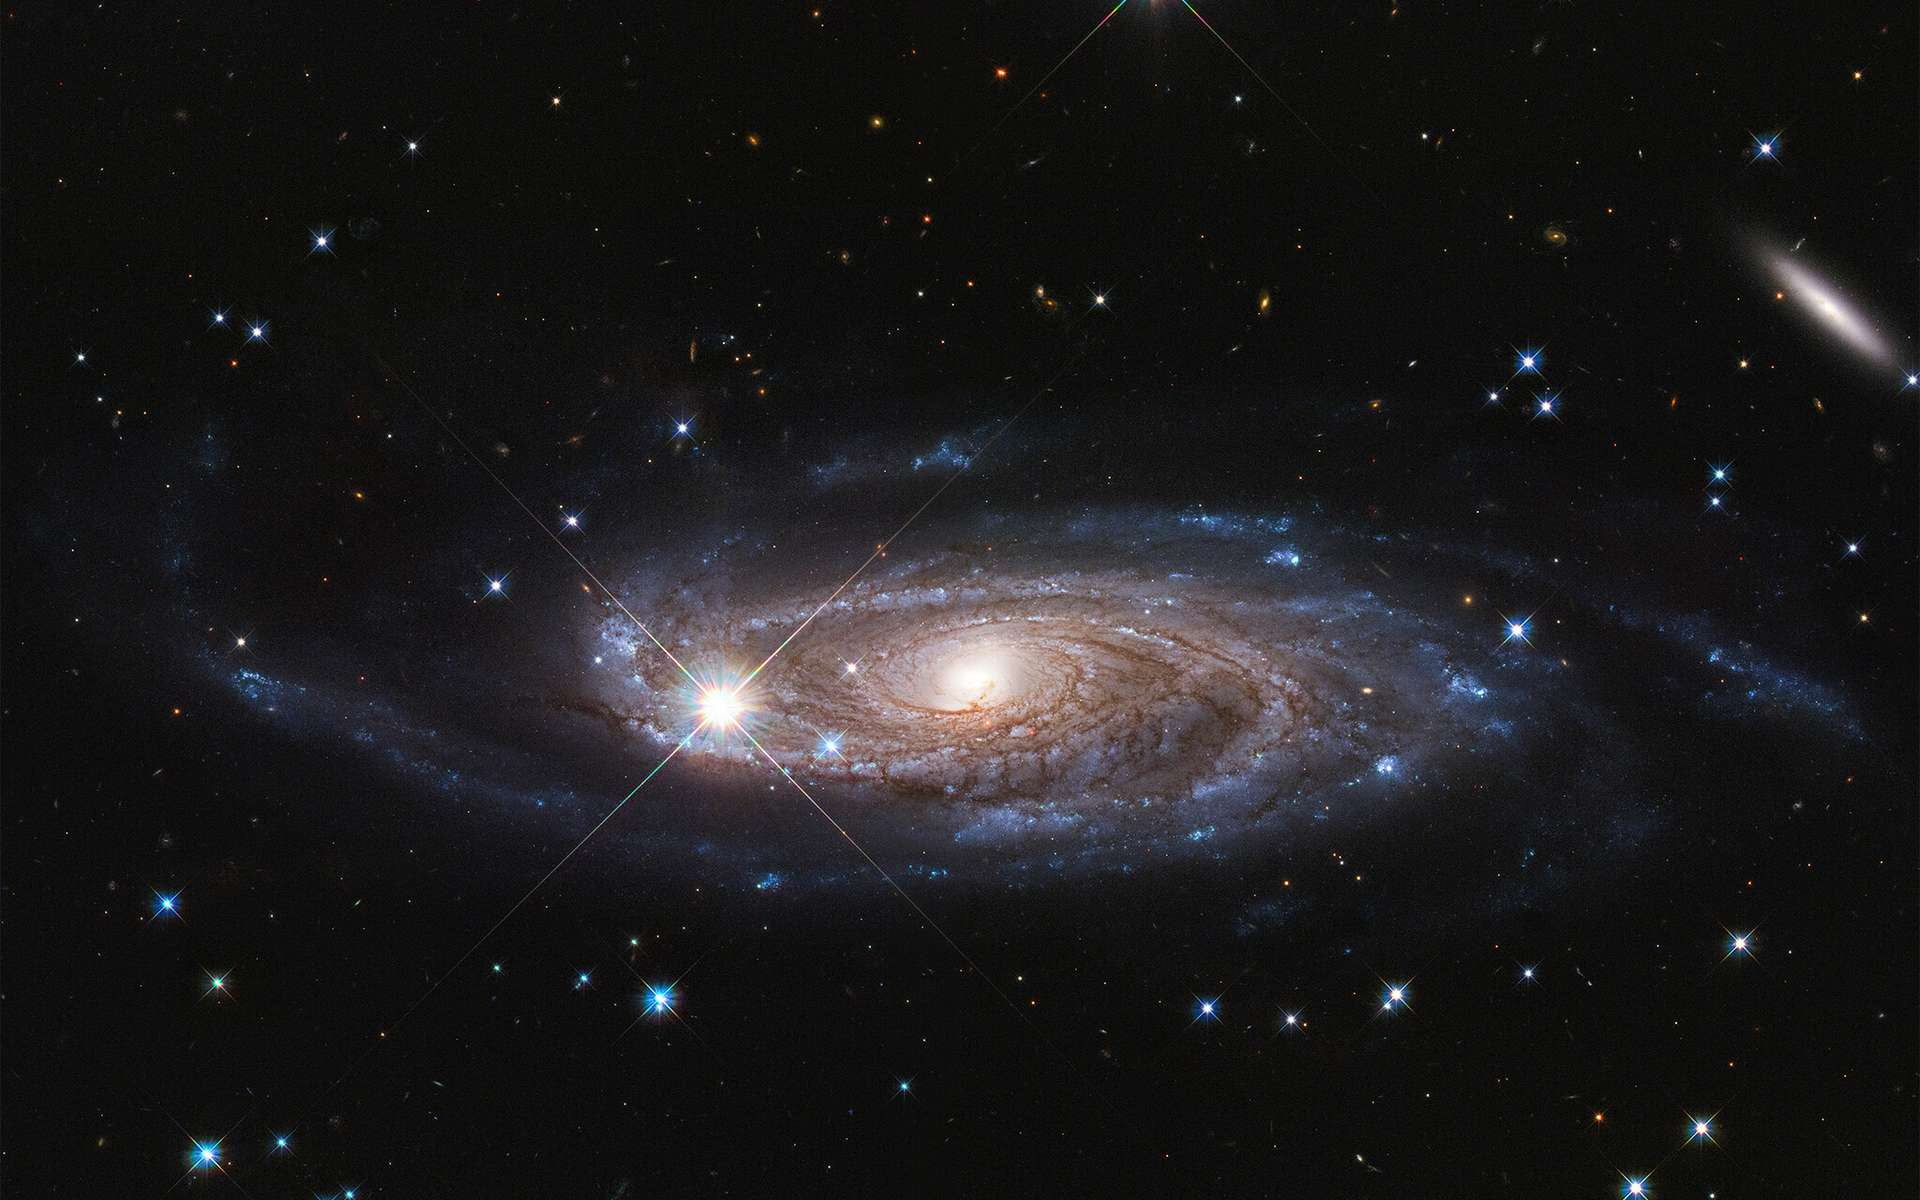 La Galaxie UGC 2885 est peut-être la plus grande de l'univers local. Elle est 2,5 fois plus large que notre Voie lactée et contient 10 fois plus d'étoiles. Cette galaxie est à 232 millions d'années-lumière, située dans la constellation nord de Persée. L'image a été prise par Hubble. © Nasa, ESA, and B. Holwerda (University of Louisville).